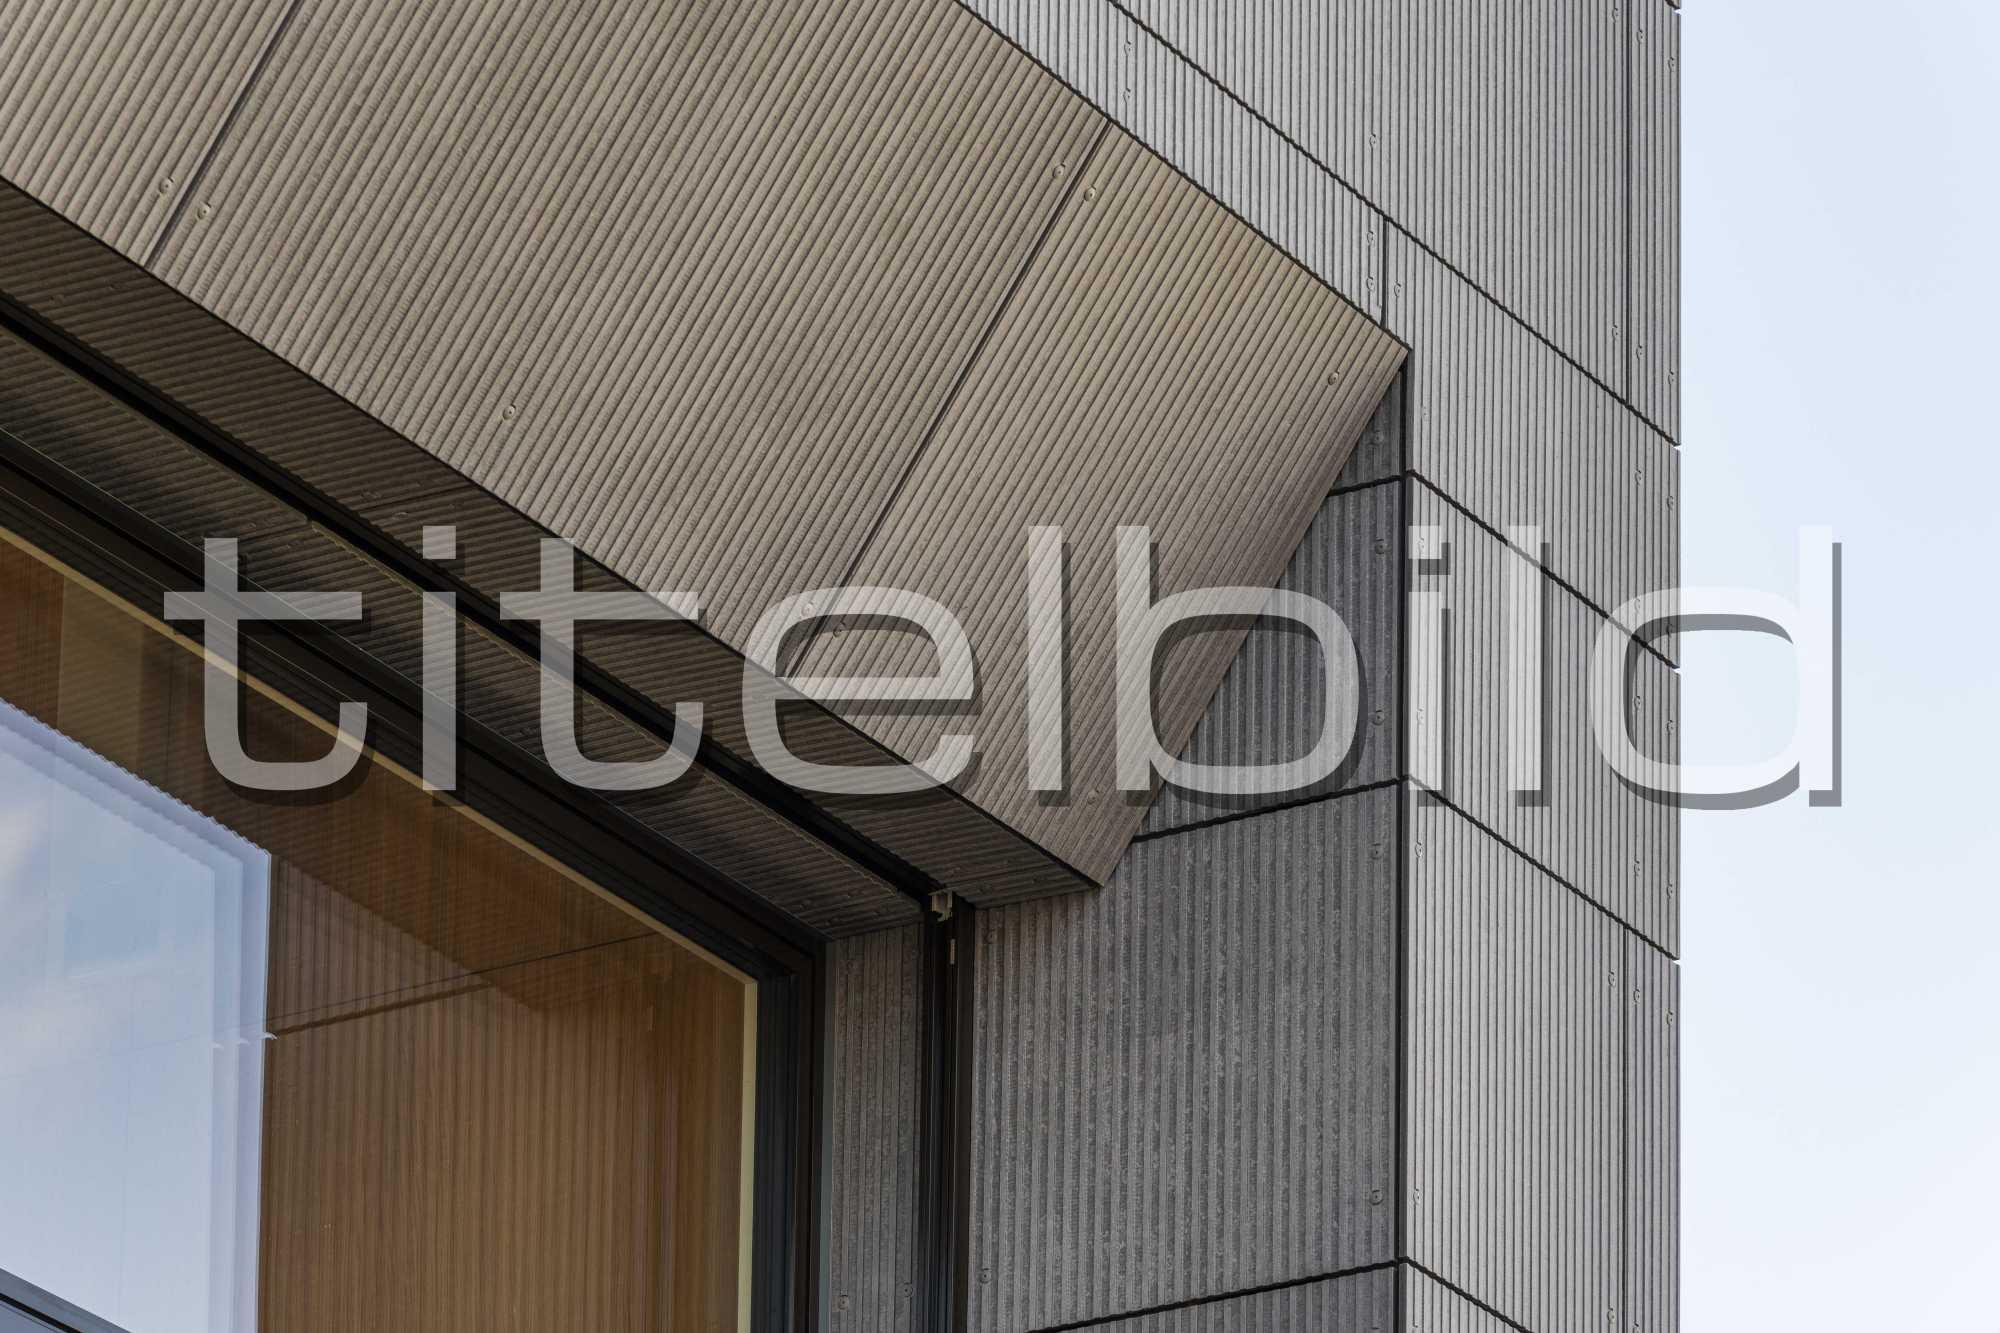 Projektbild-Nr. 2: Mehrzweckgebäude Tübach